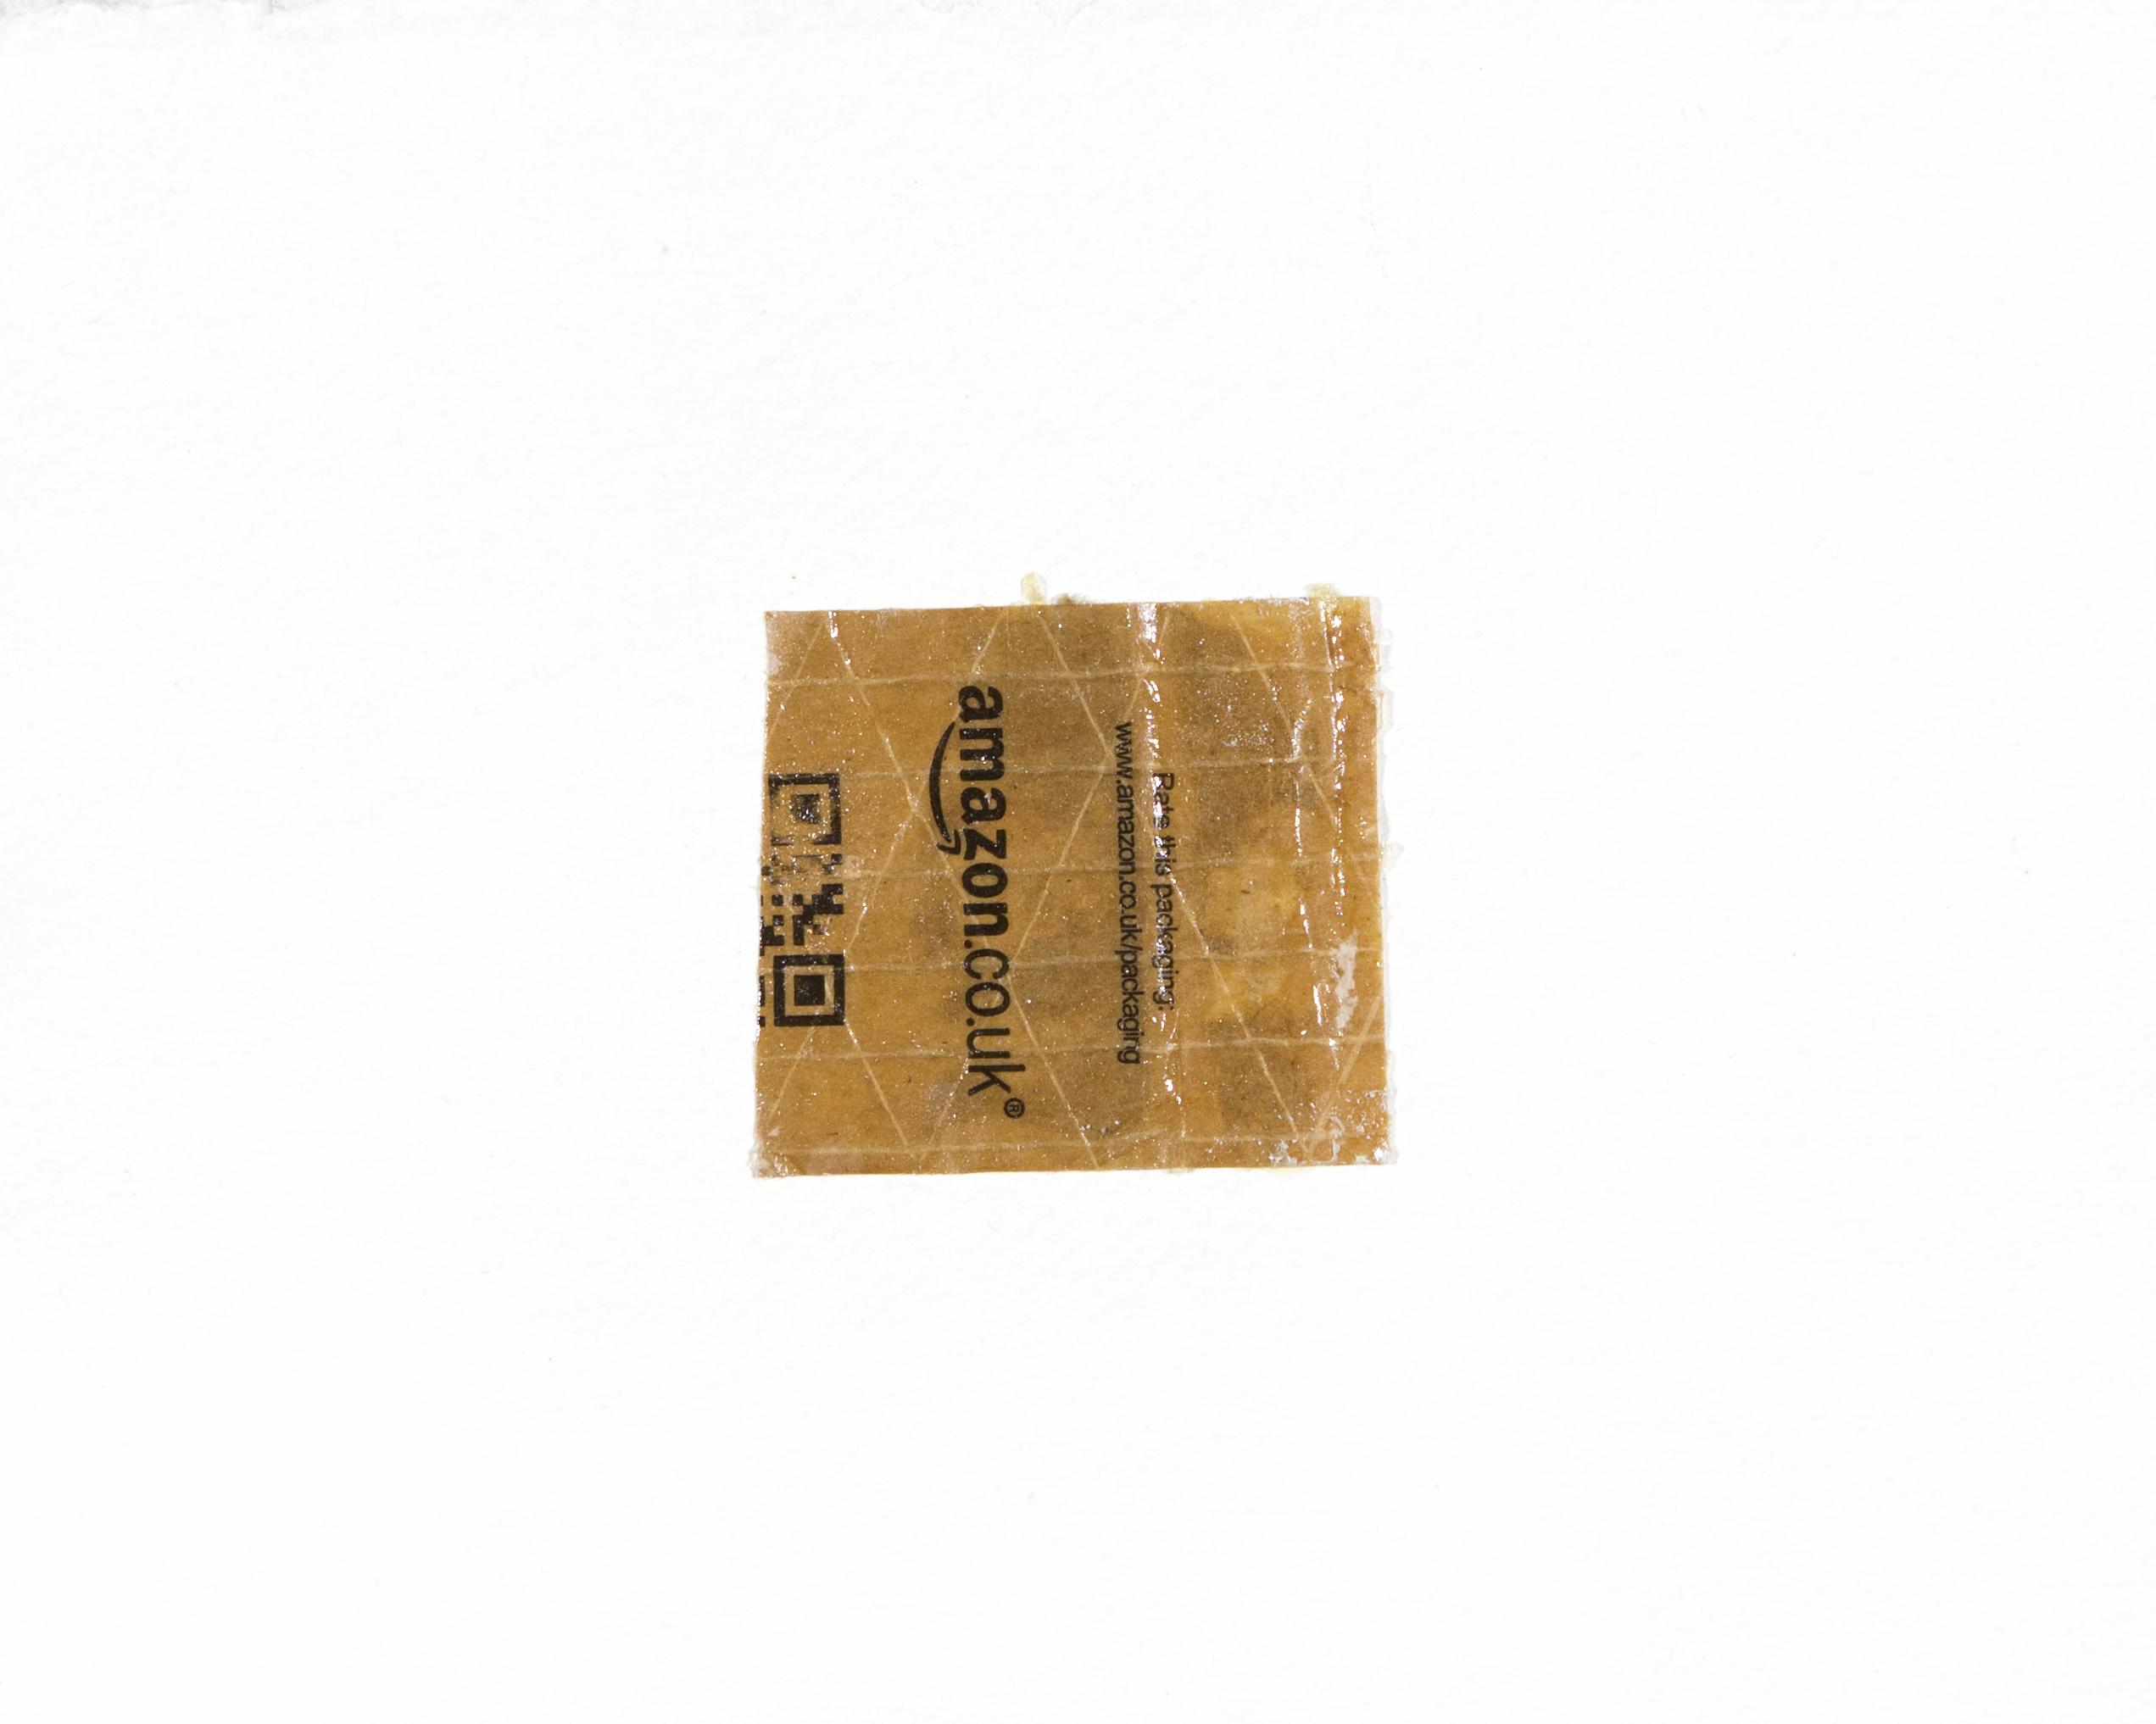 AP Ec 6_7, 2015, tecnica mista, cartone su carta, cm 19 x 24,5